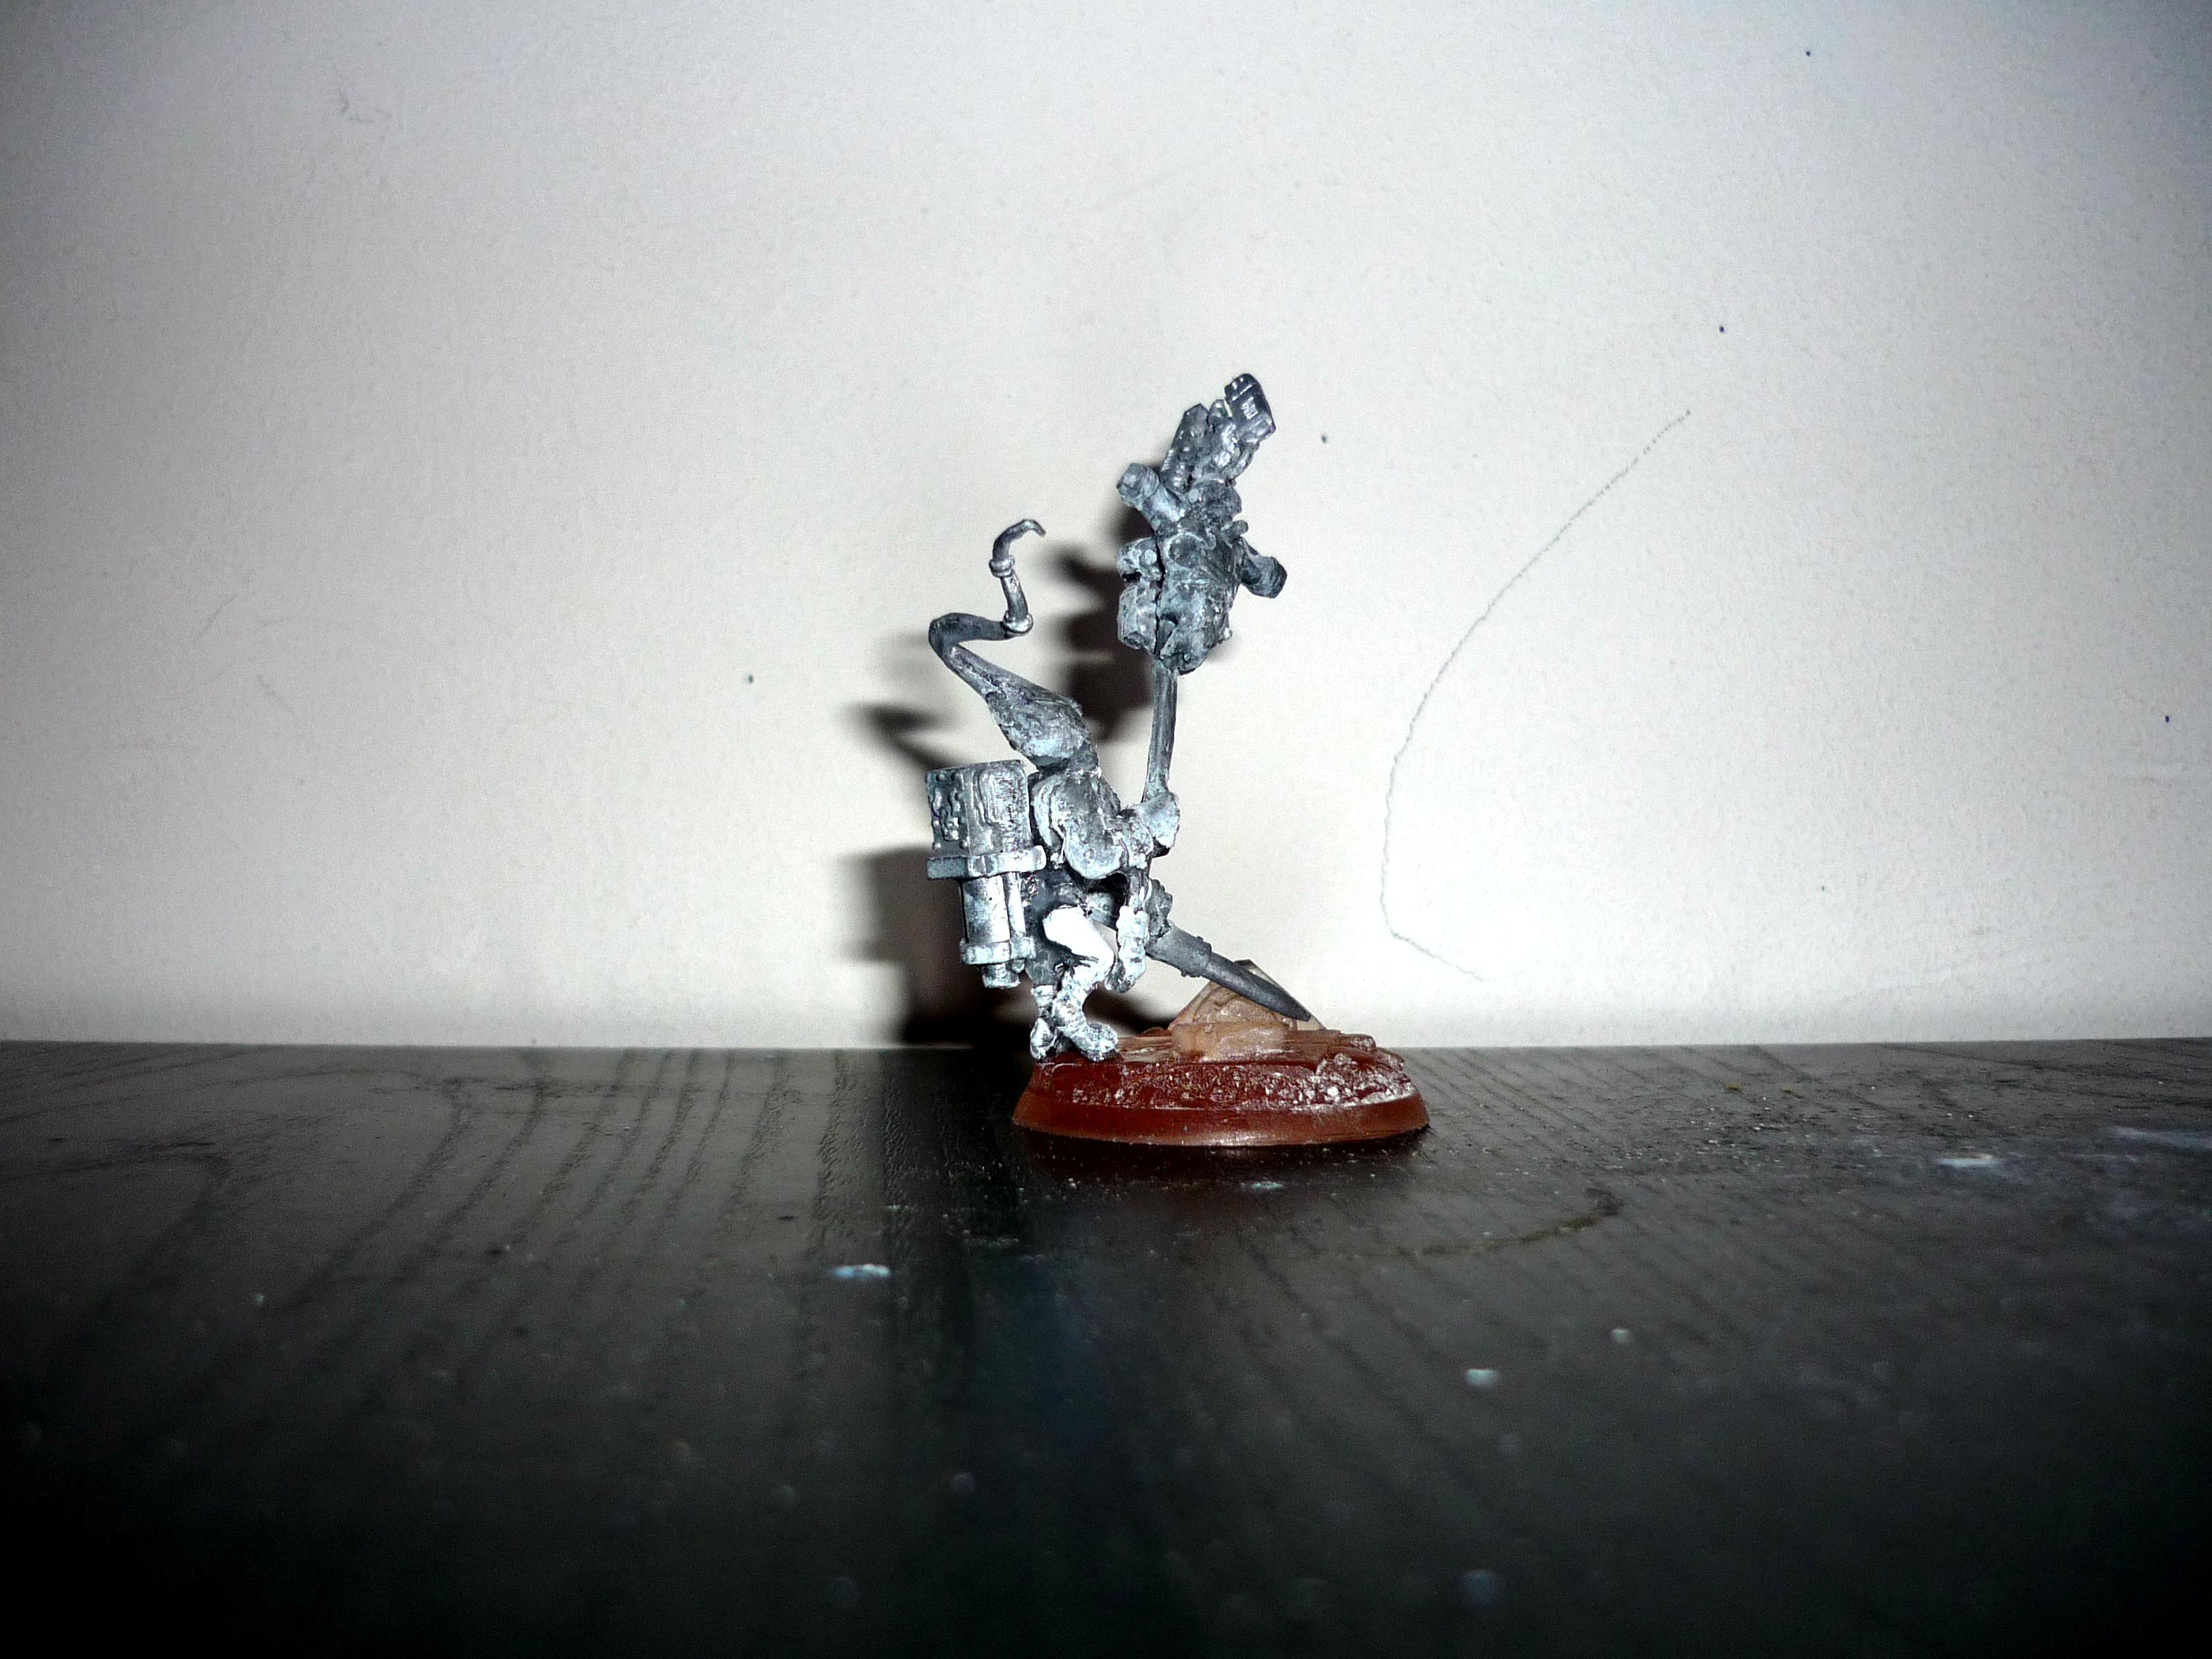 Ork Wirdboy, Ork Wird boi 7